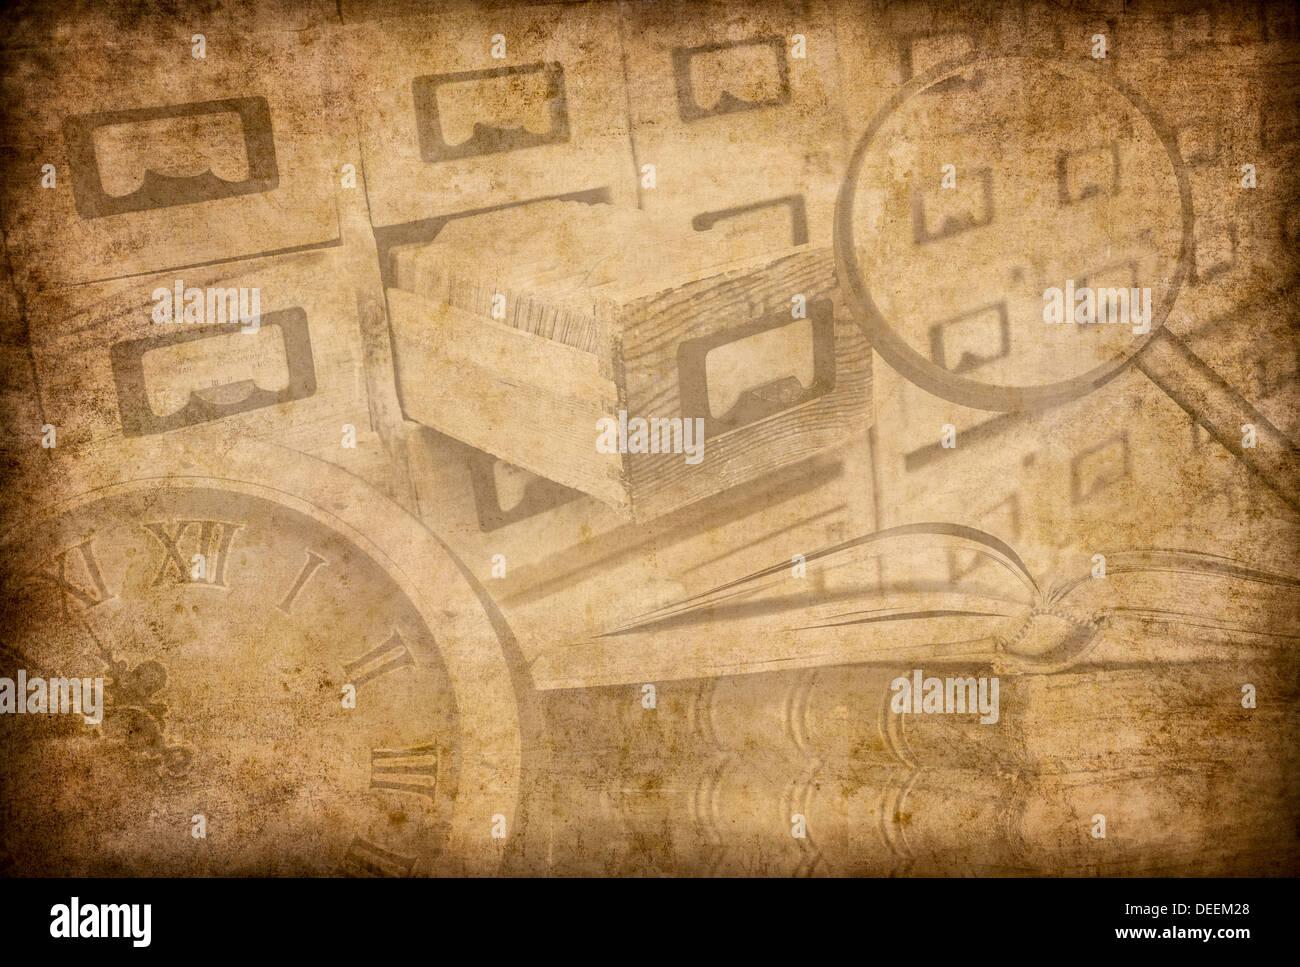 Archiv oder Museum Grunge Hintergrund Stockfoto